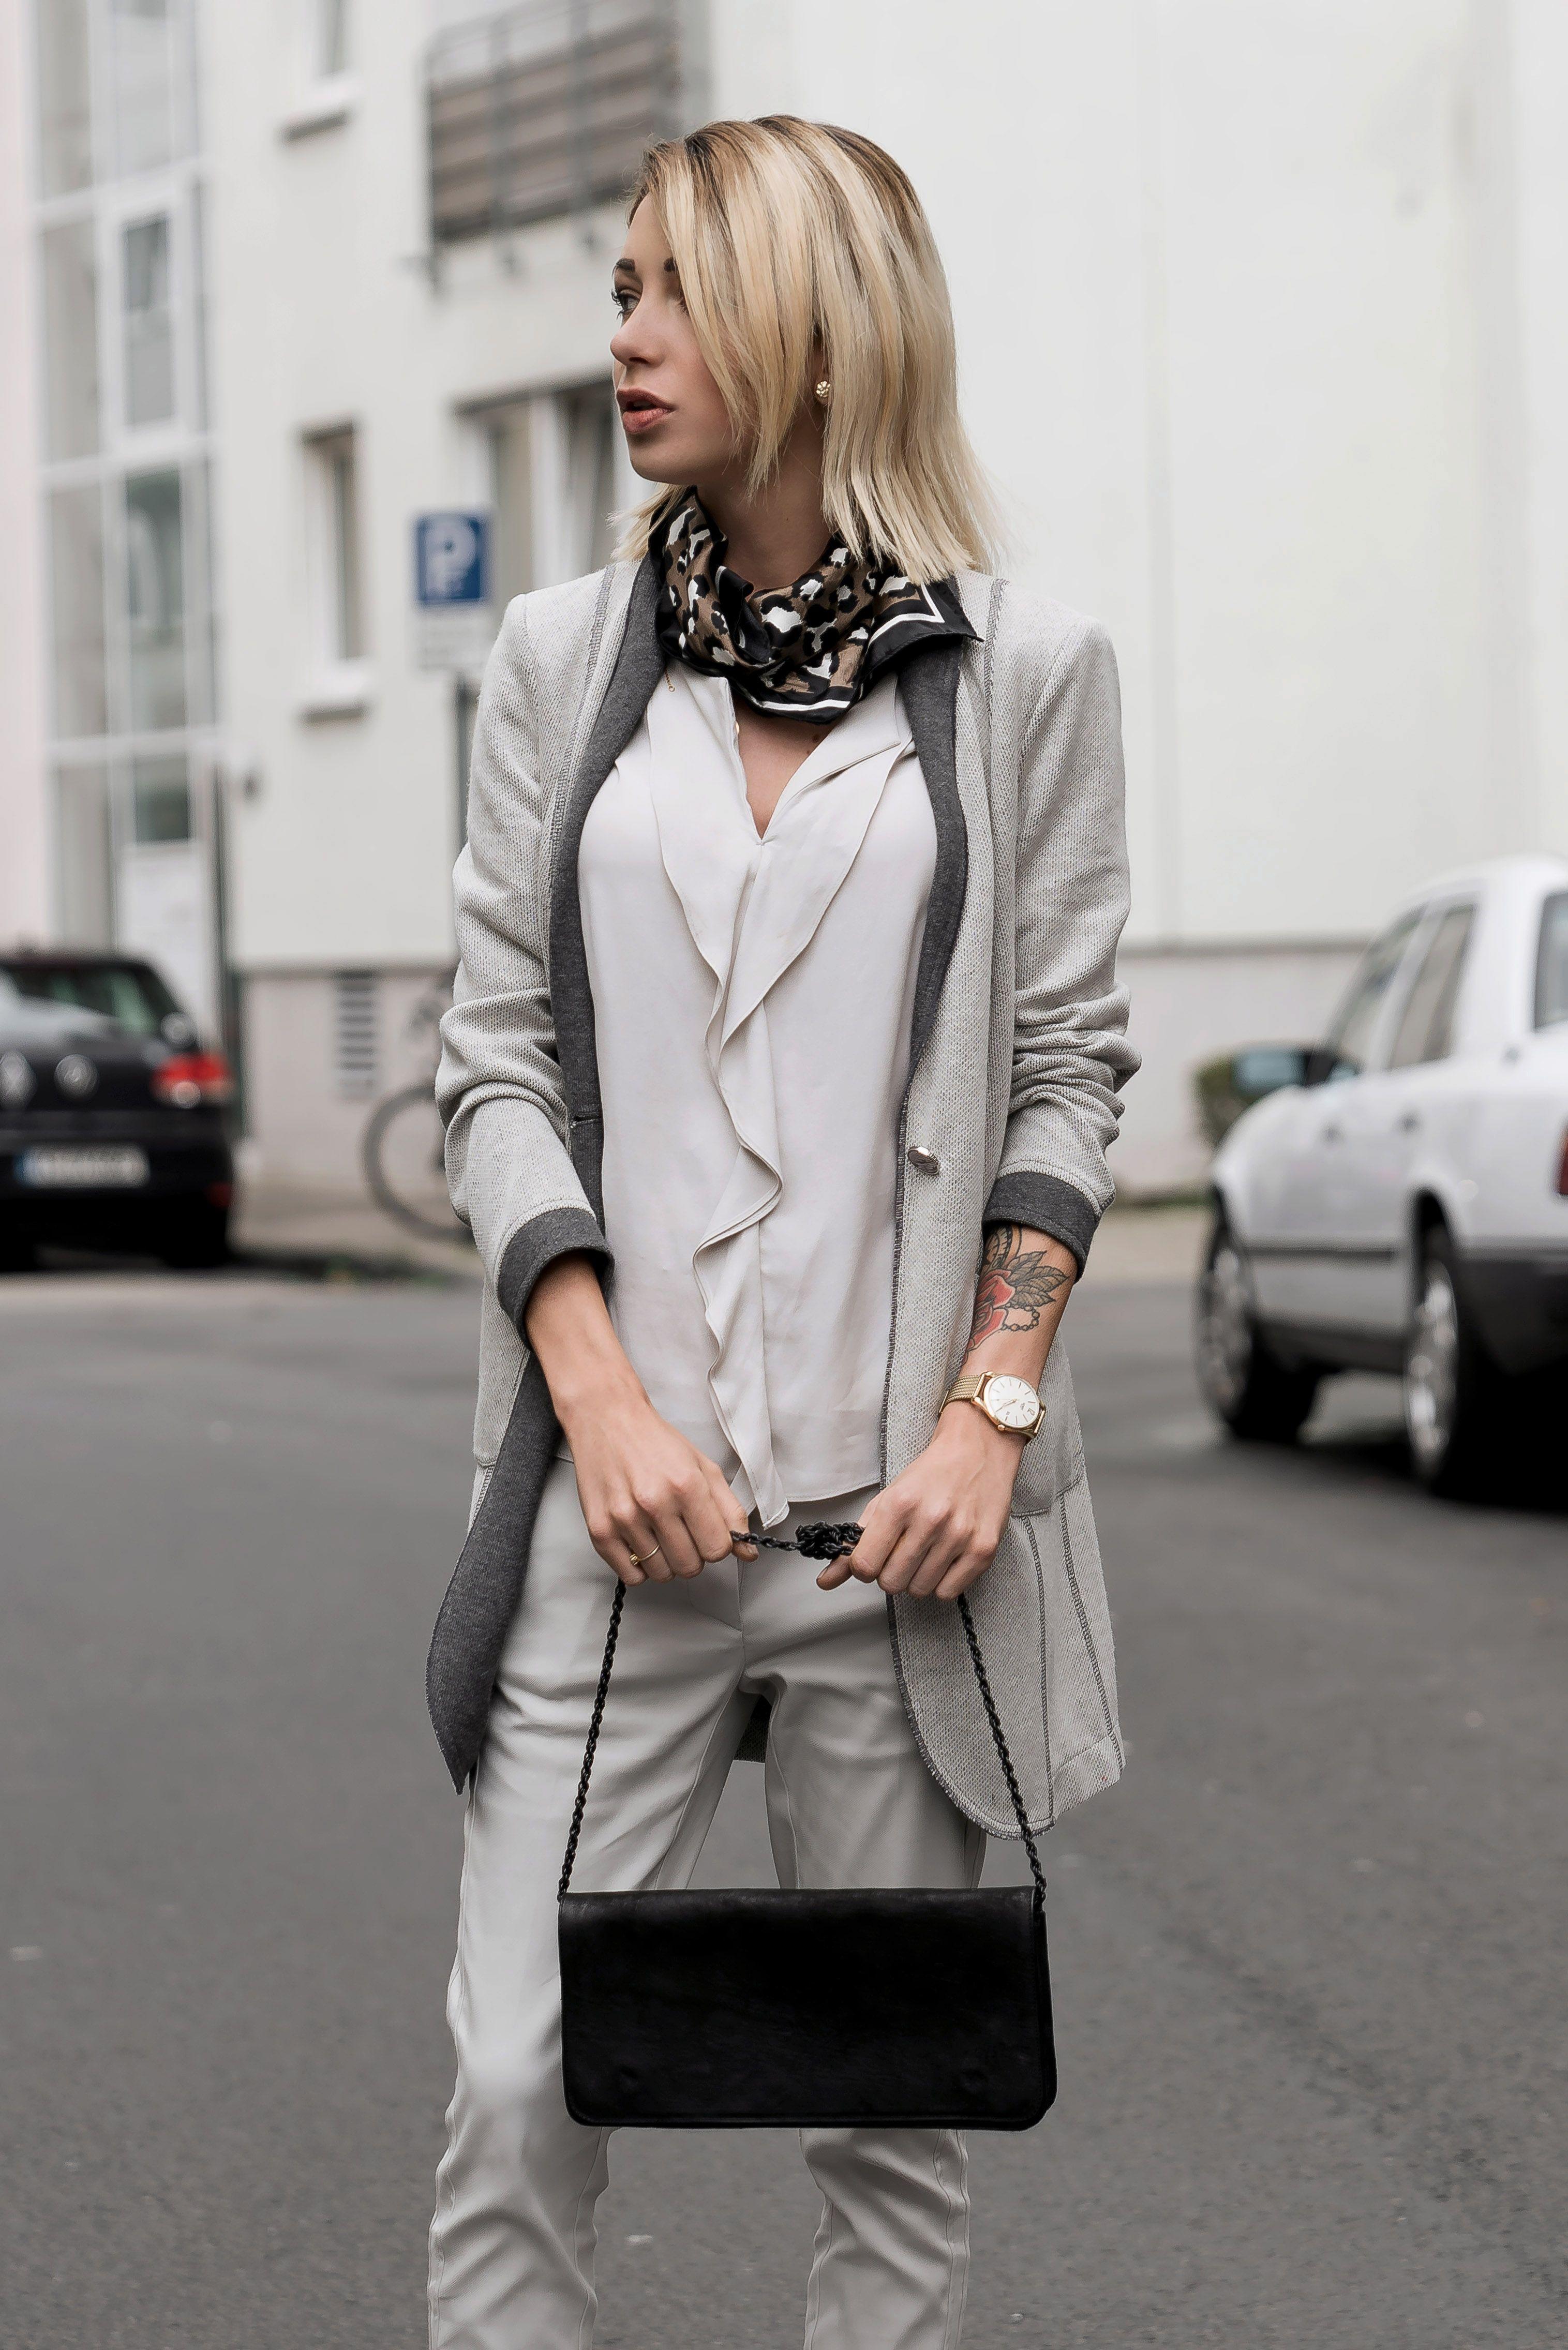 Bloggerin Jasmin Kessler Tragt Einen Grauen Longblazer Von Airfield Ein Business Look Aus Koln Der Sich Auch Im Alltag Jensei Modestil Bekleidungsstile Mode